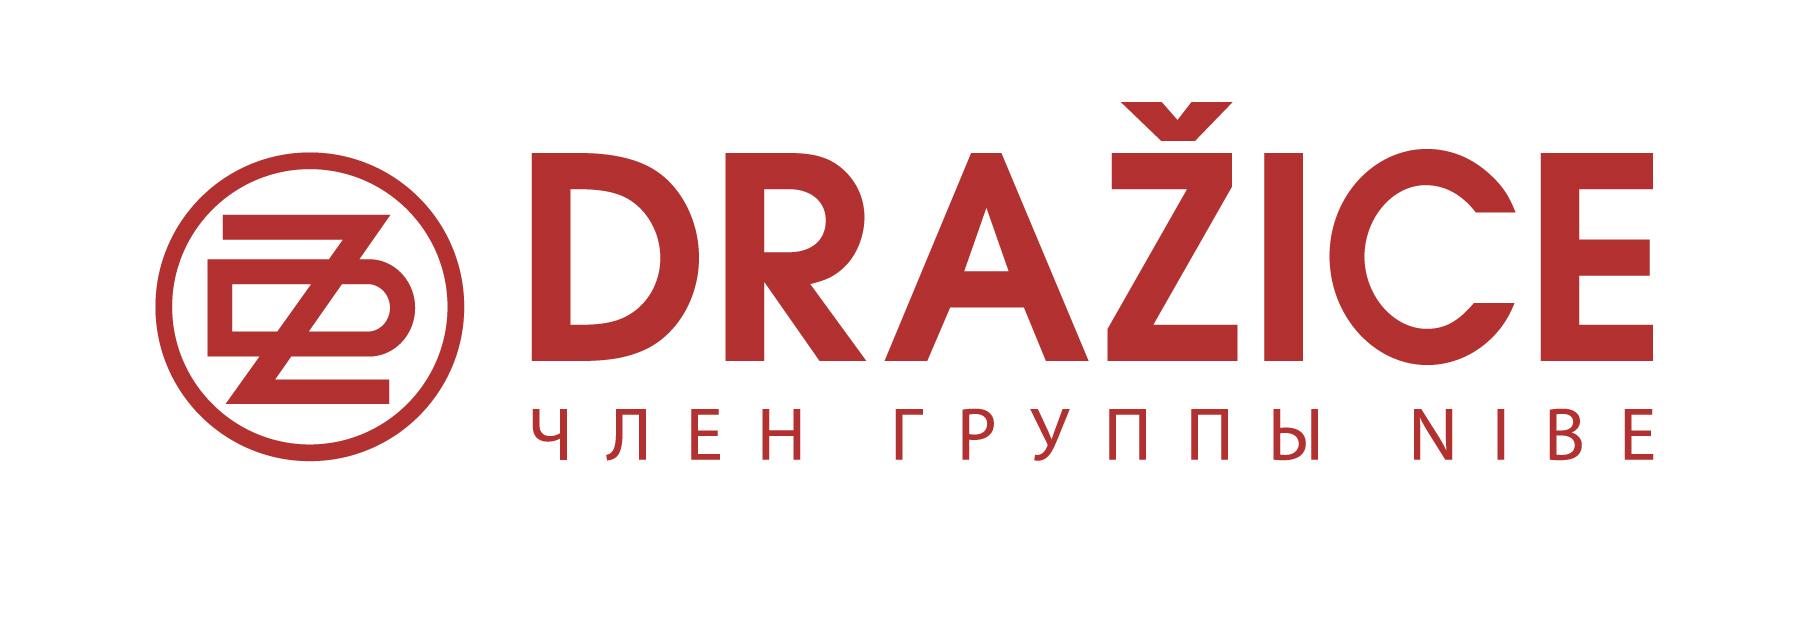 Drazice бойлери (Чехія)